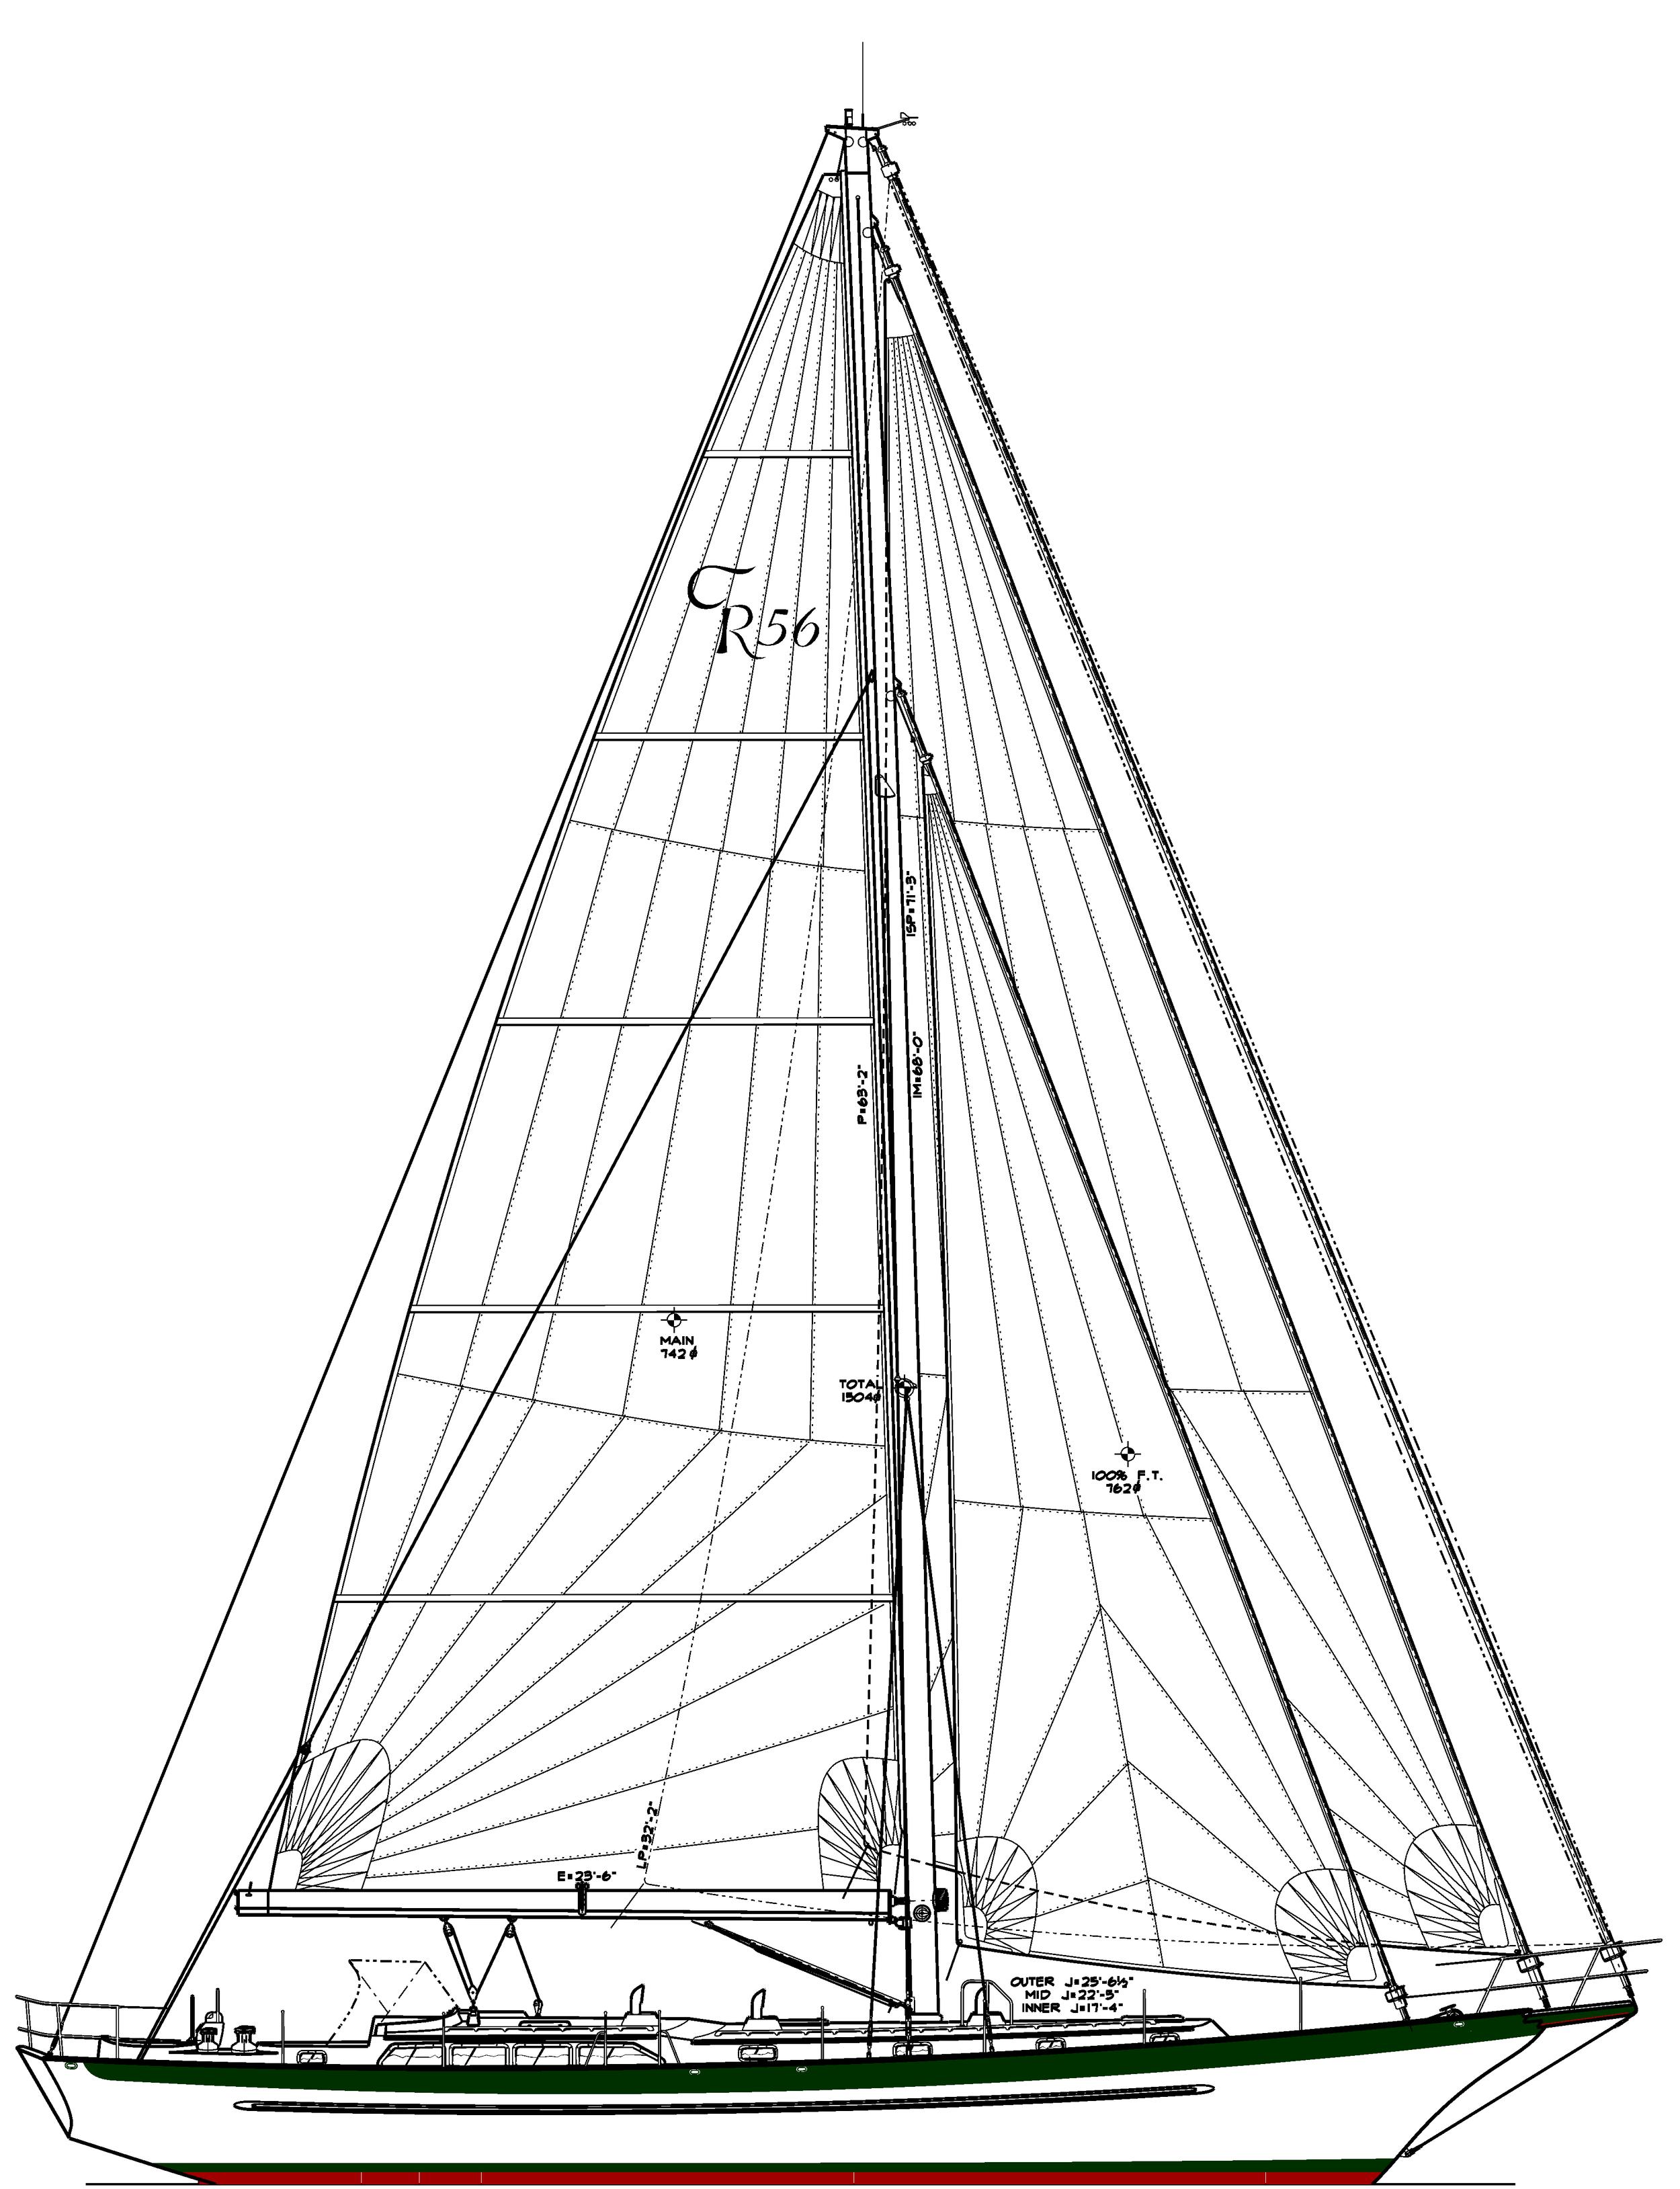 cabo_rico_56_sail_plan.png